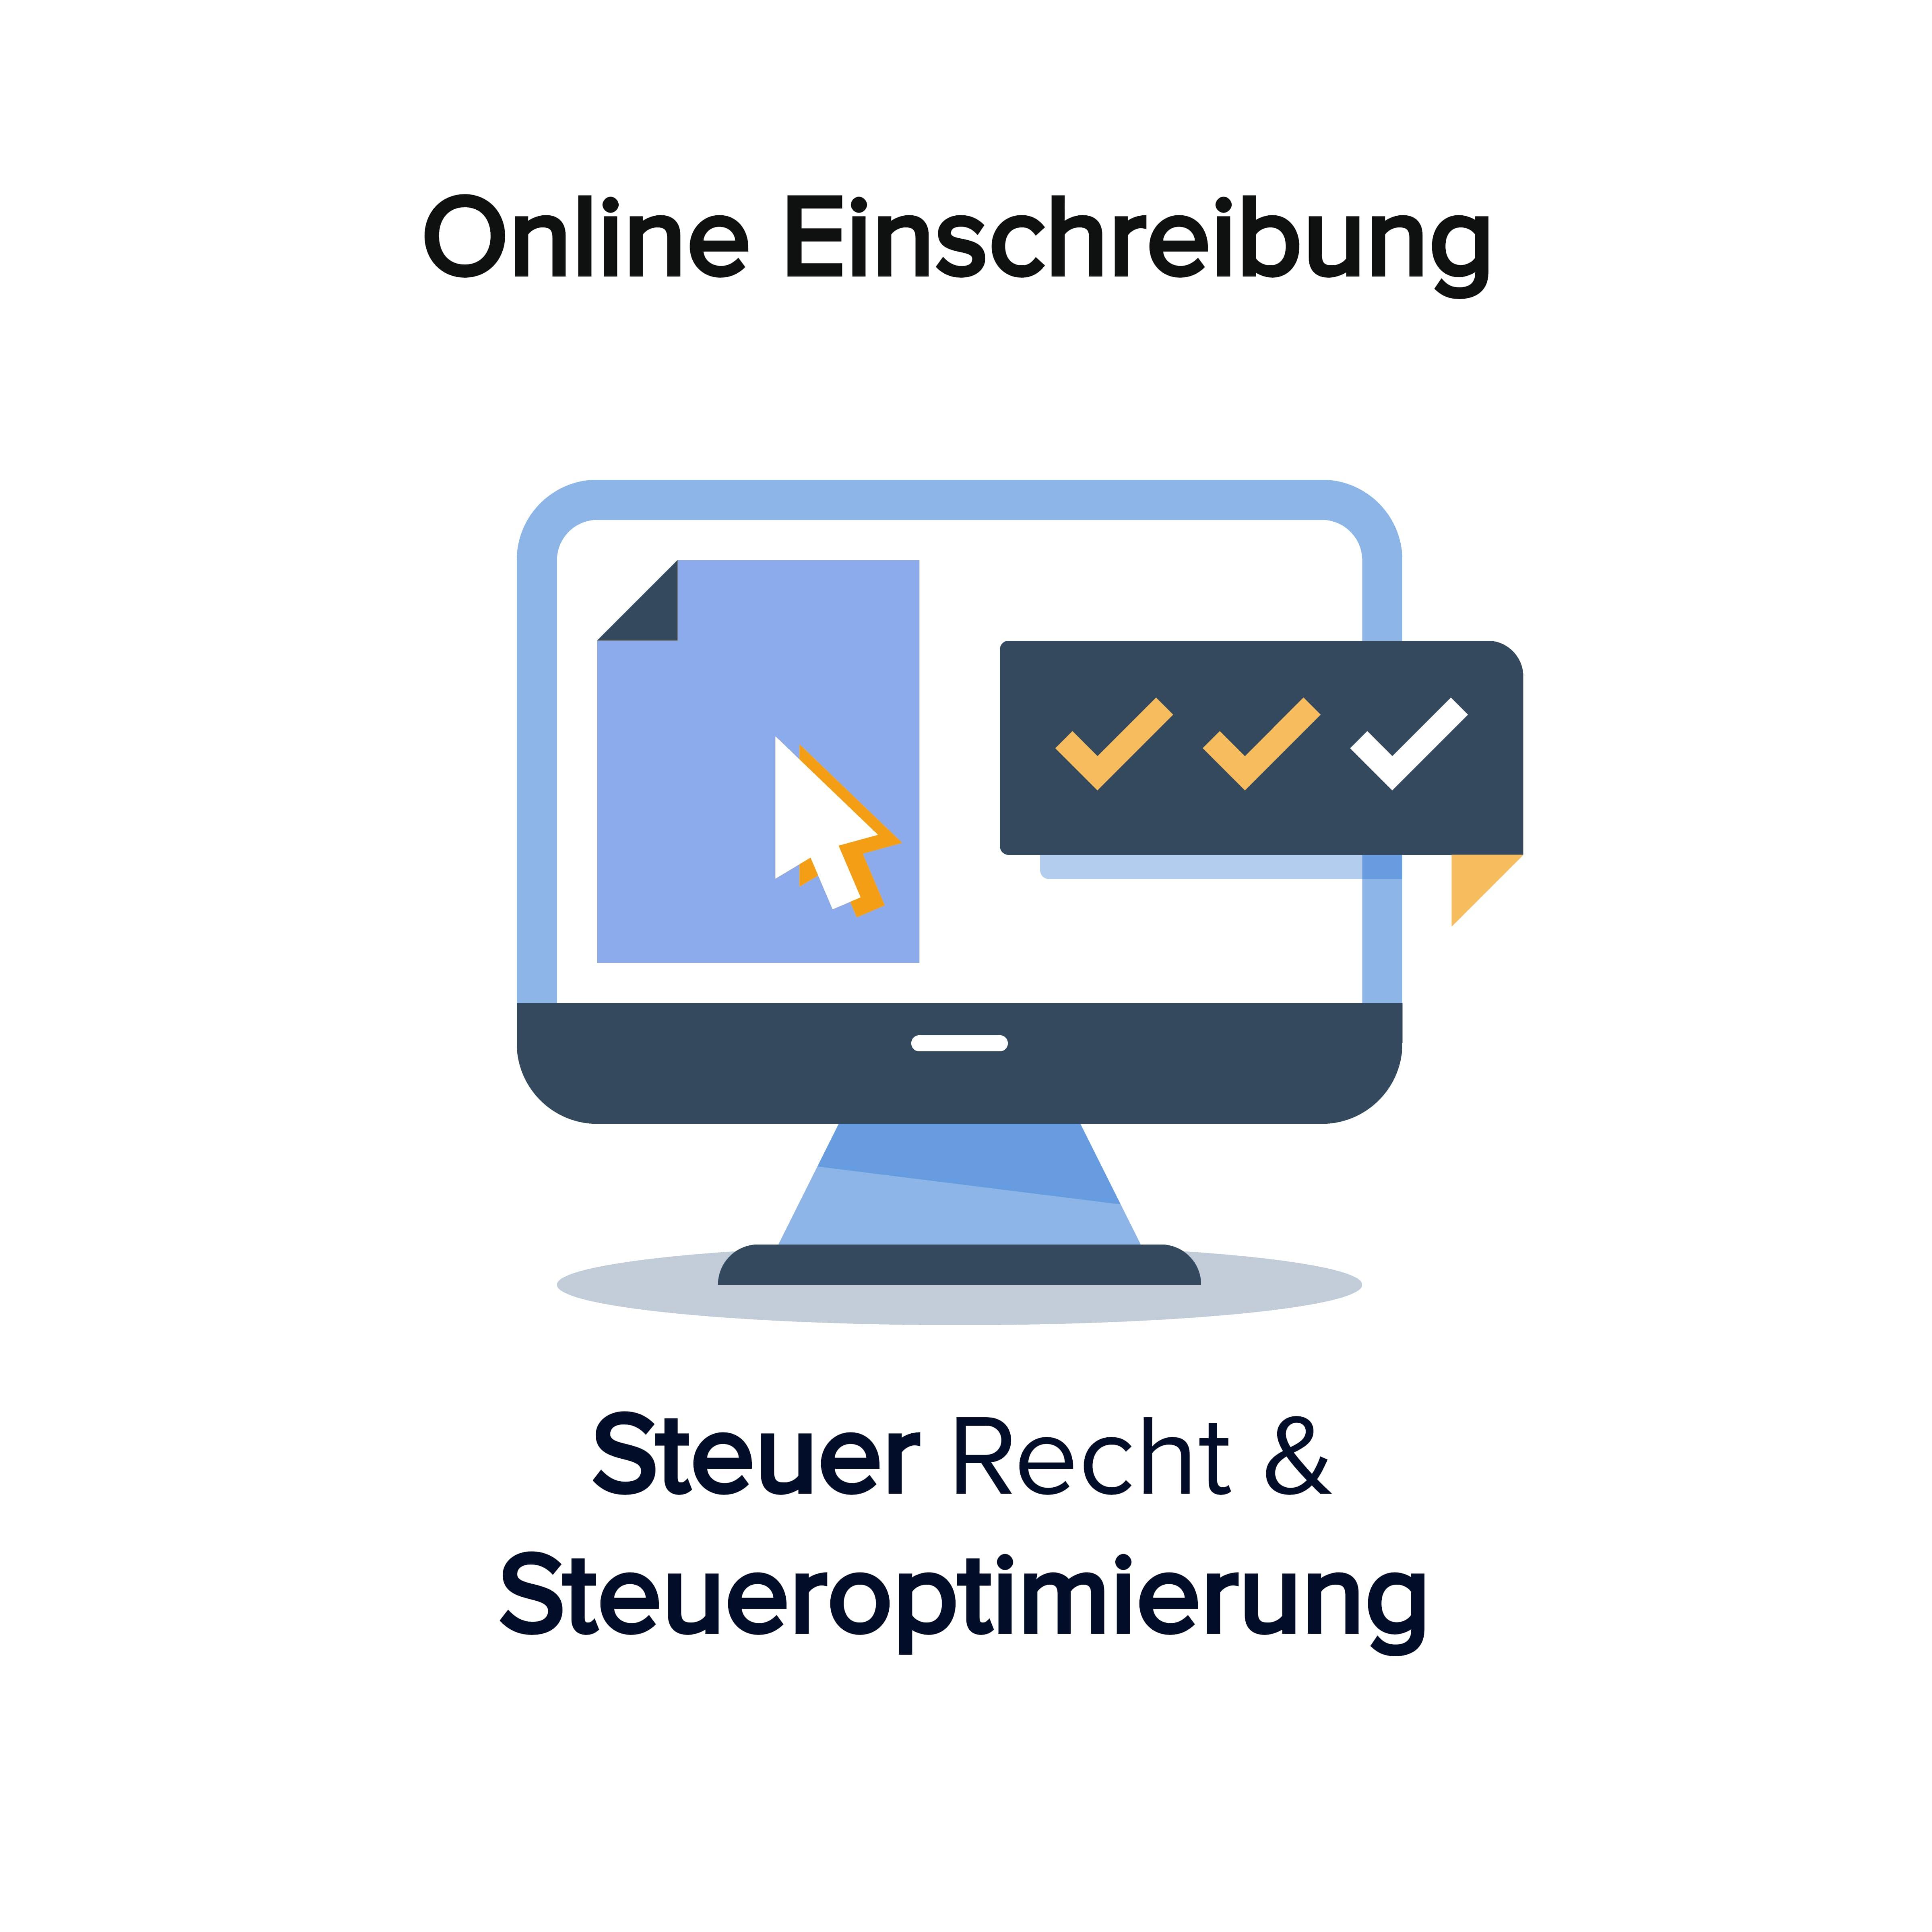 Online Kurs Einschreiben Steueroptimierung Finanzamt